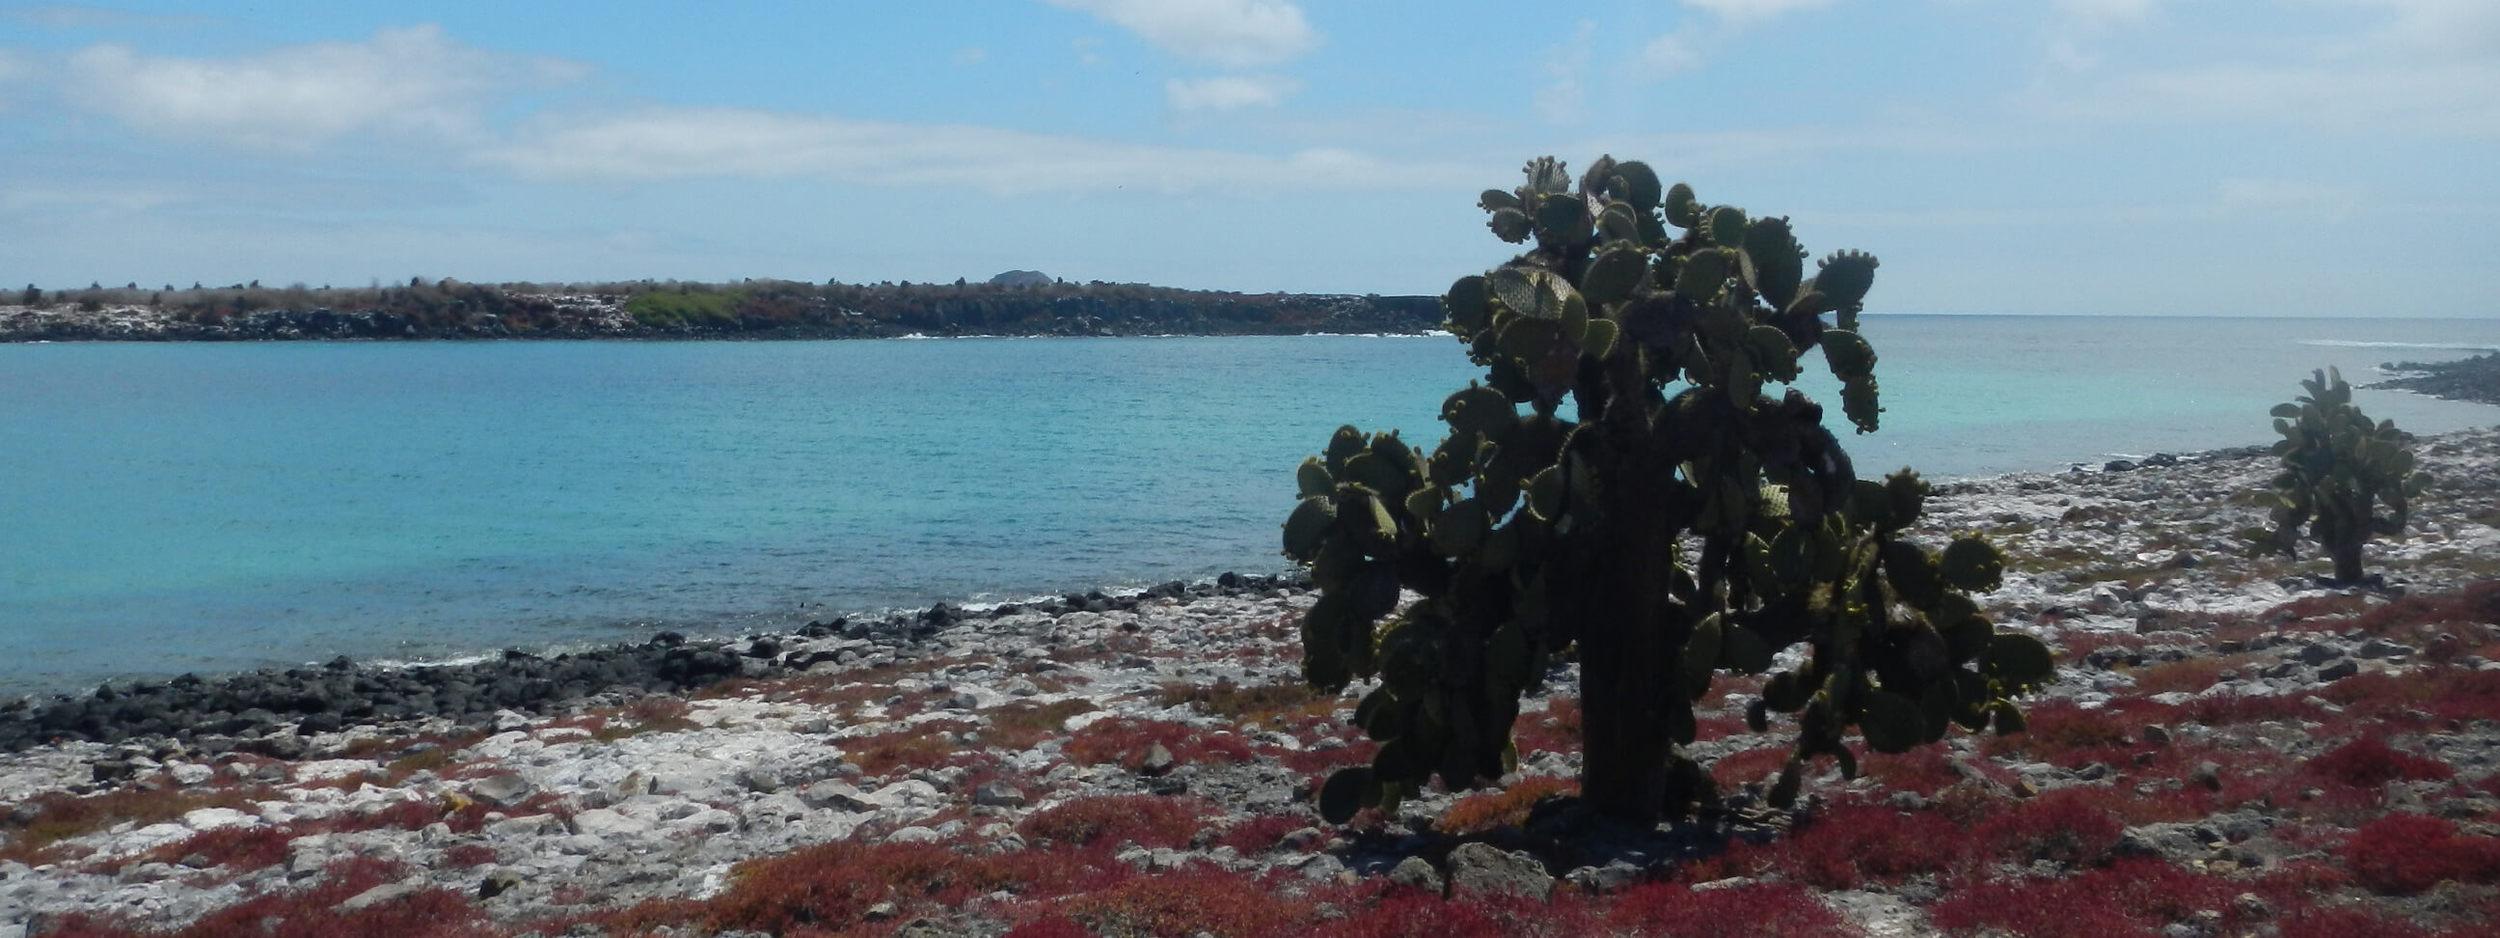 Galapagos views